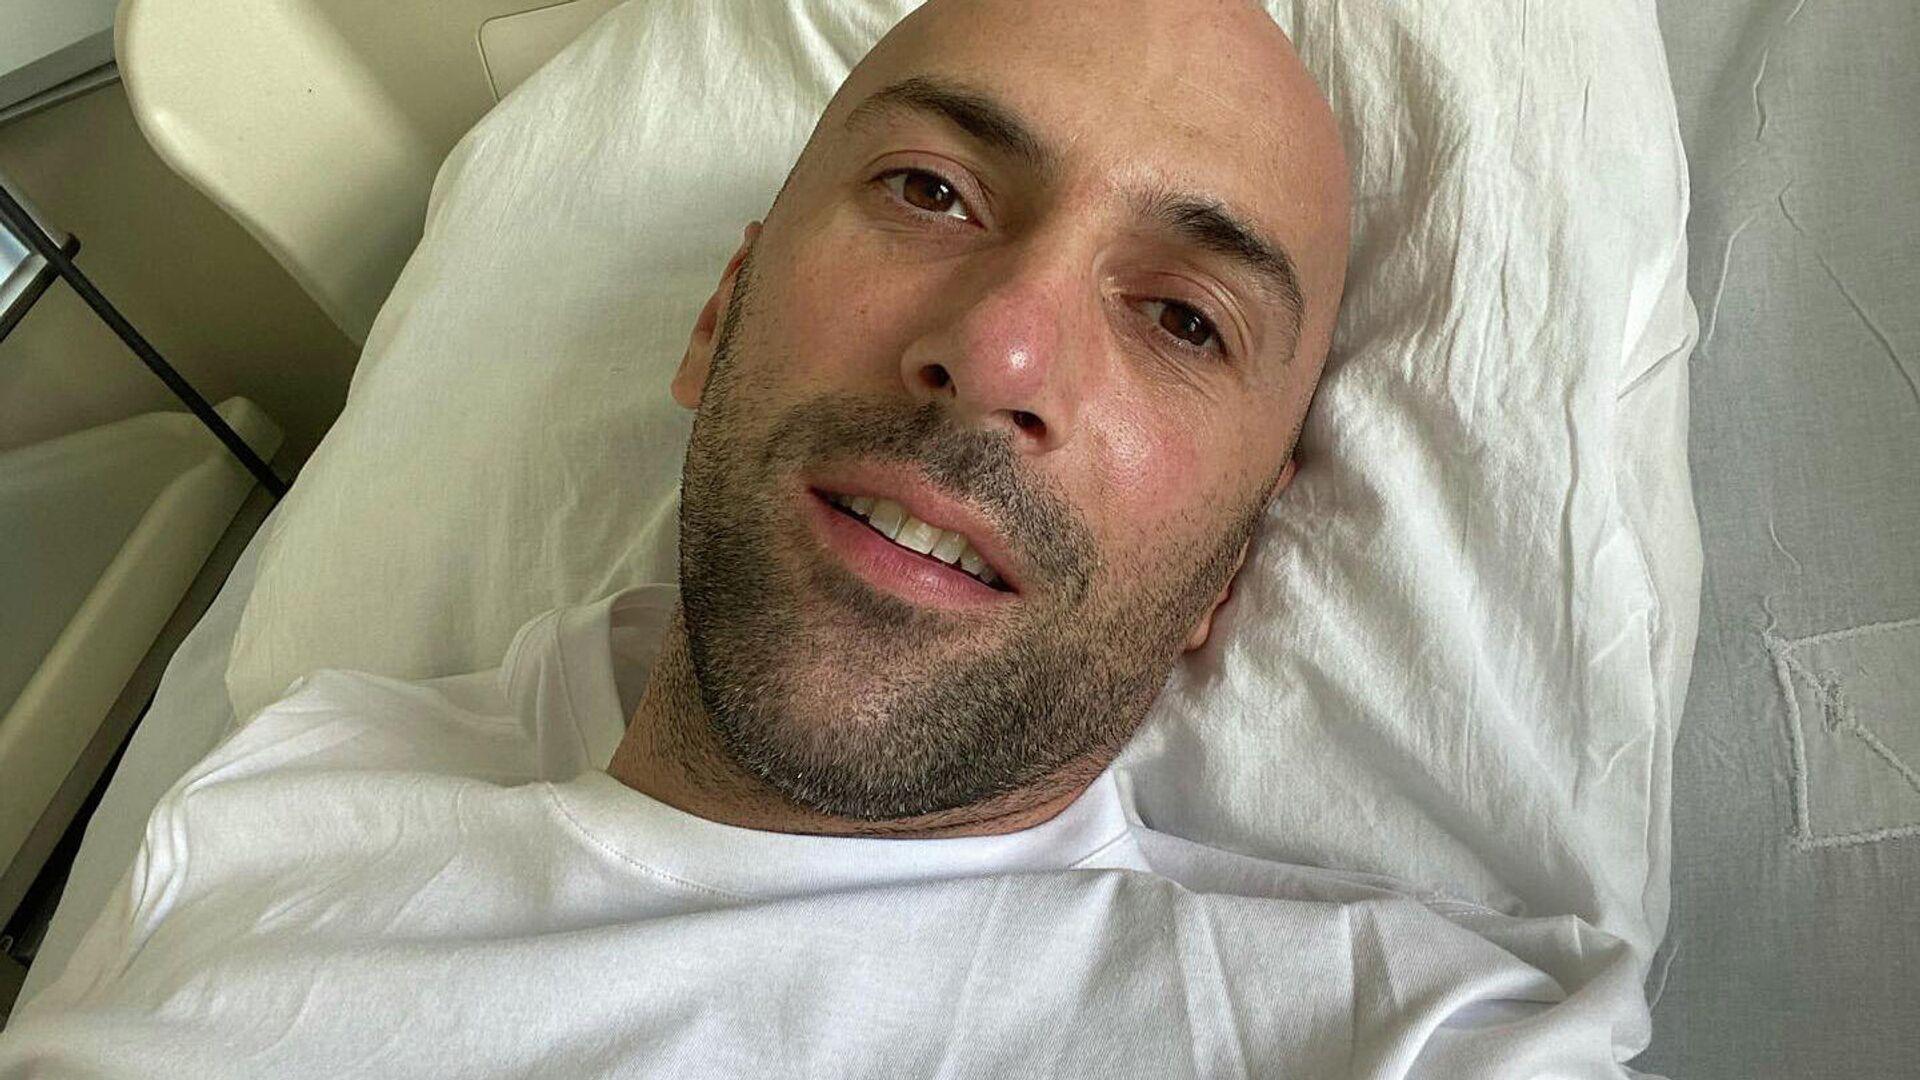 Хореограф Евгений Папунаишвили в больнице - Sputnik Грузия, 1920, 06.09.2021